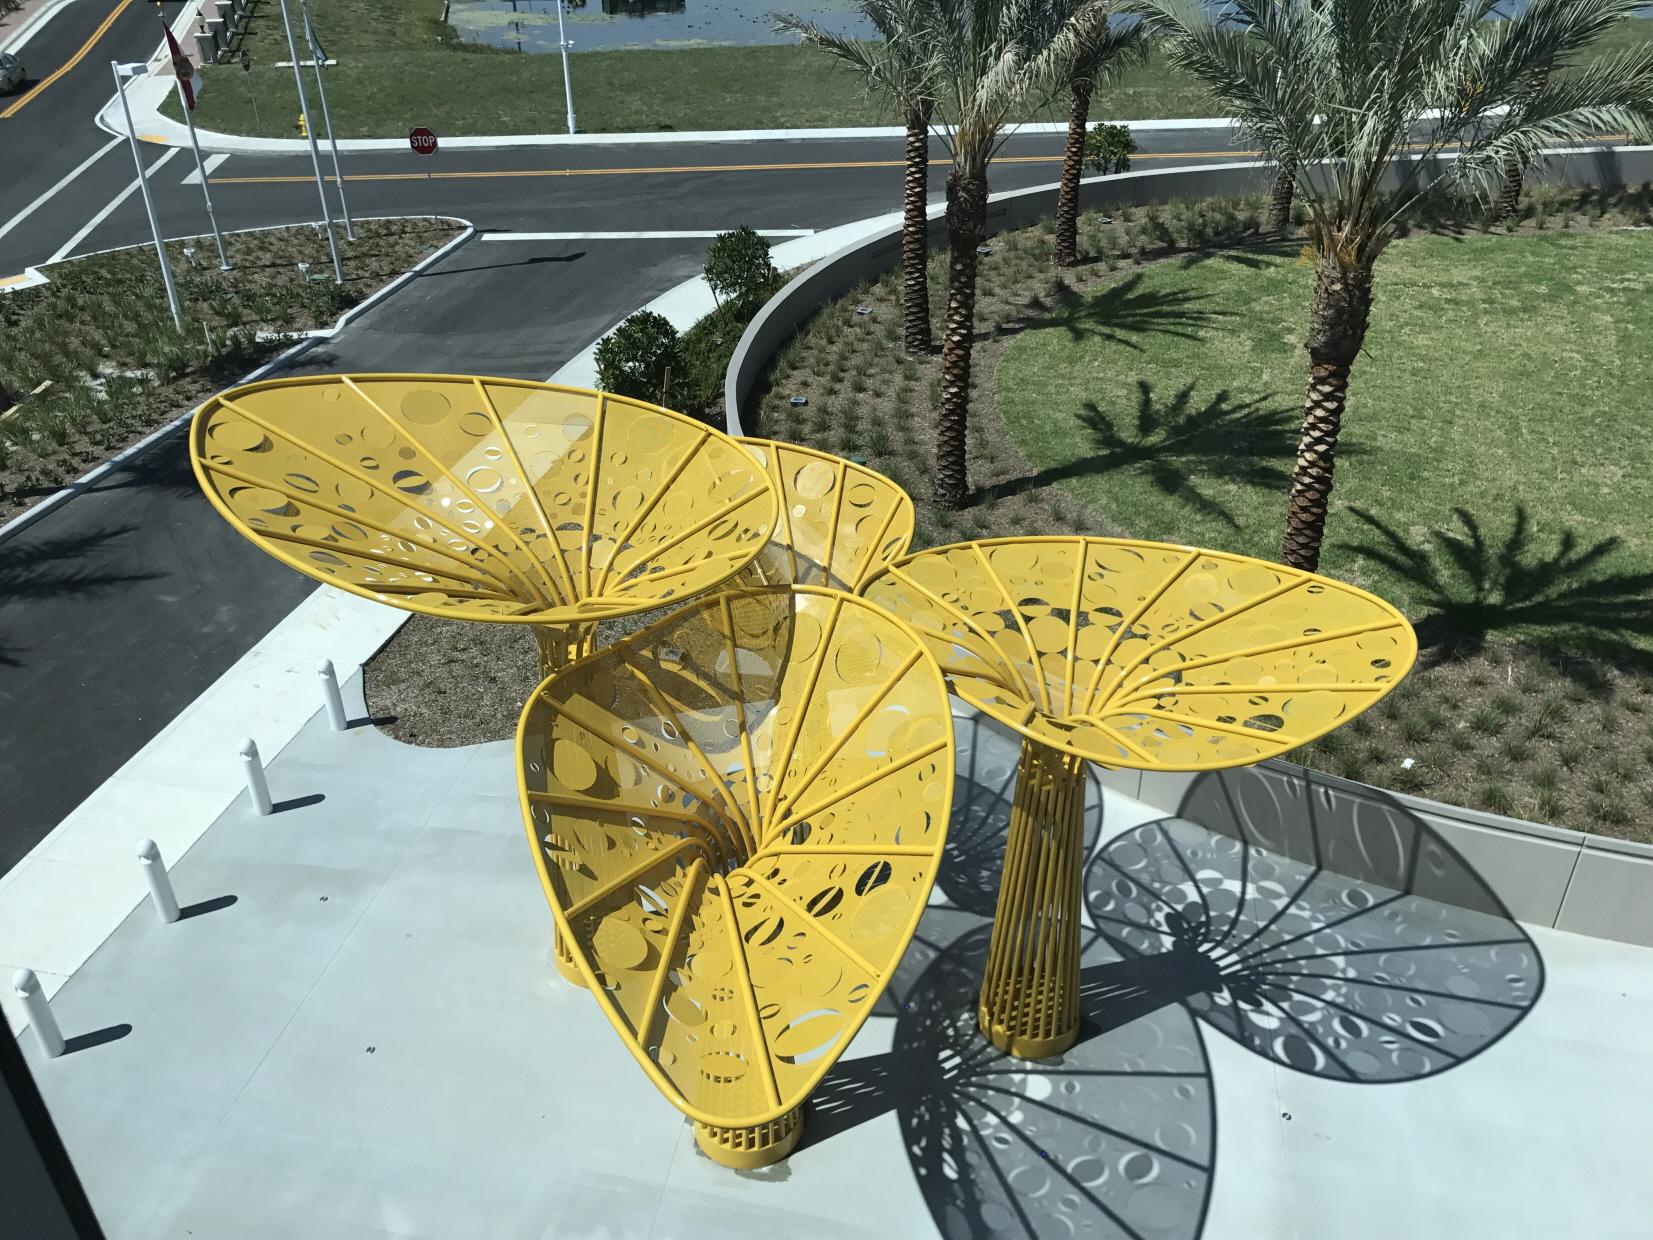 〔안정원의 건축 칼럼〕 바람에 따라 움직이는 얇은 타 공판의 노랑색 조형물 2